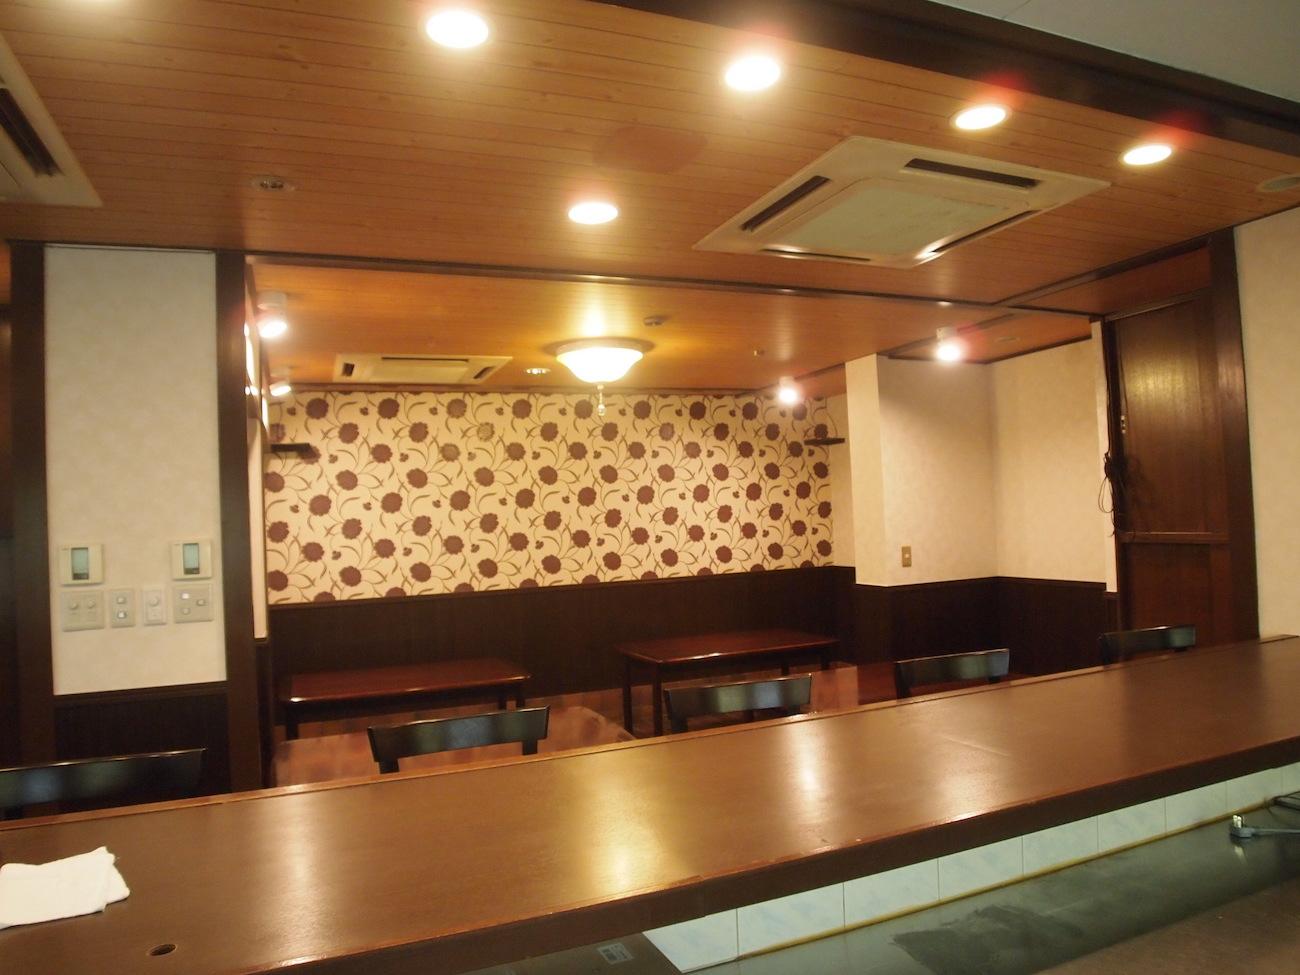 NO.r05_洋食屋/内装デザイン事例